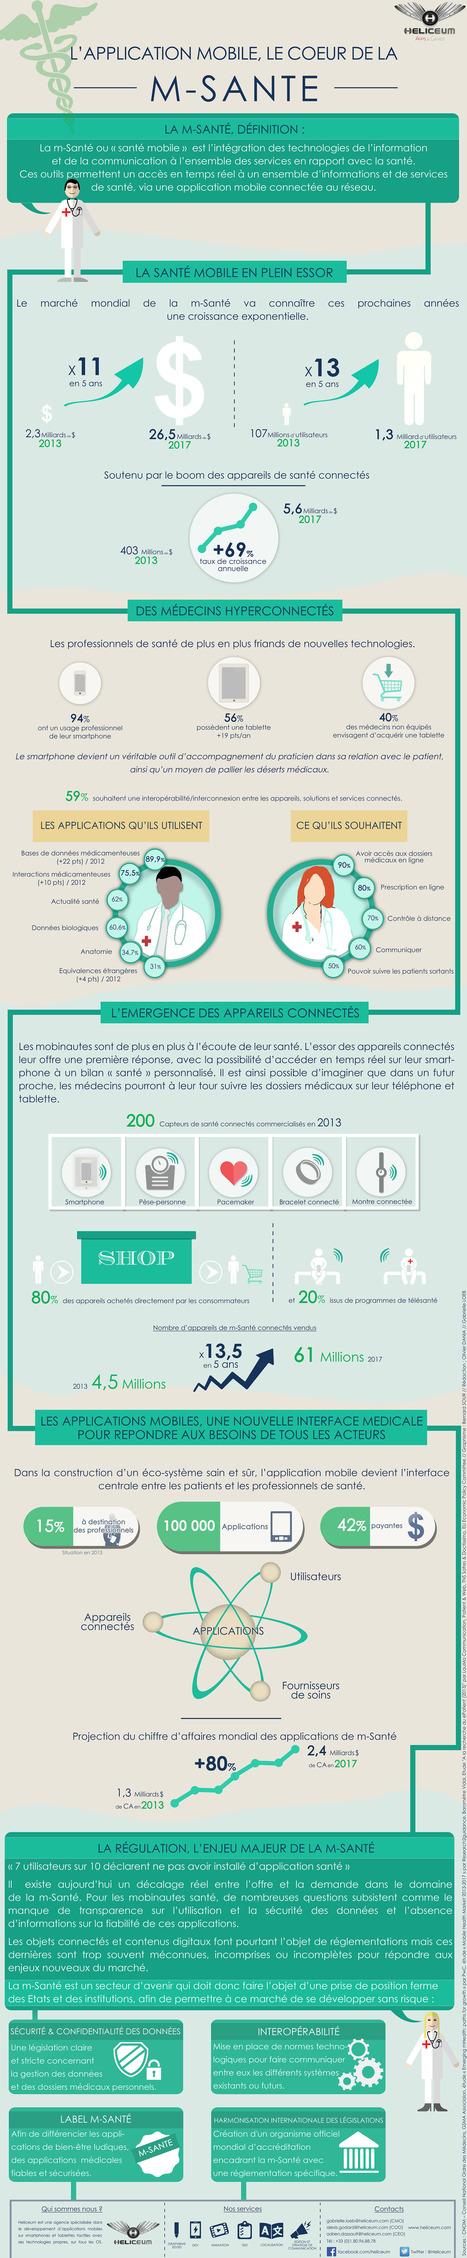 m-Santé : une infographie pour comprendre les enjeux du développement de ce marché — Silver Economie | Santé | Scoop.it